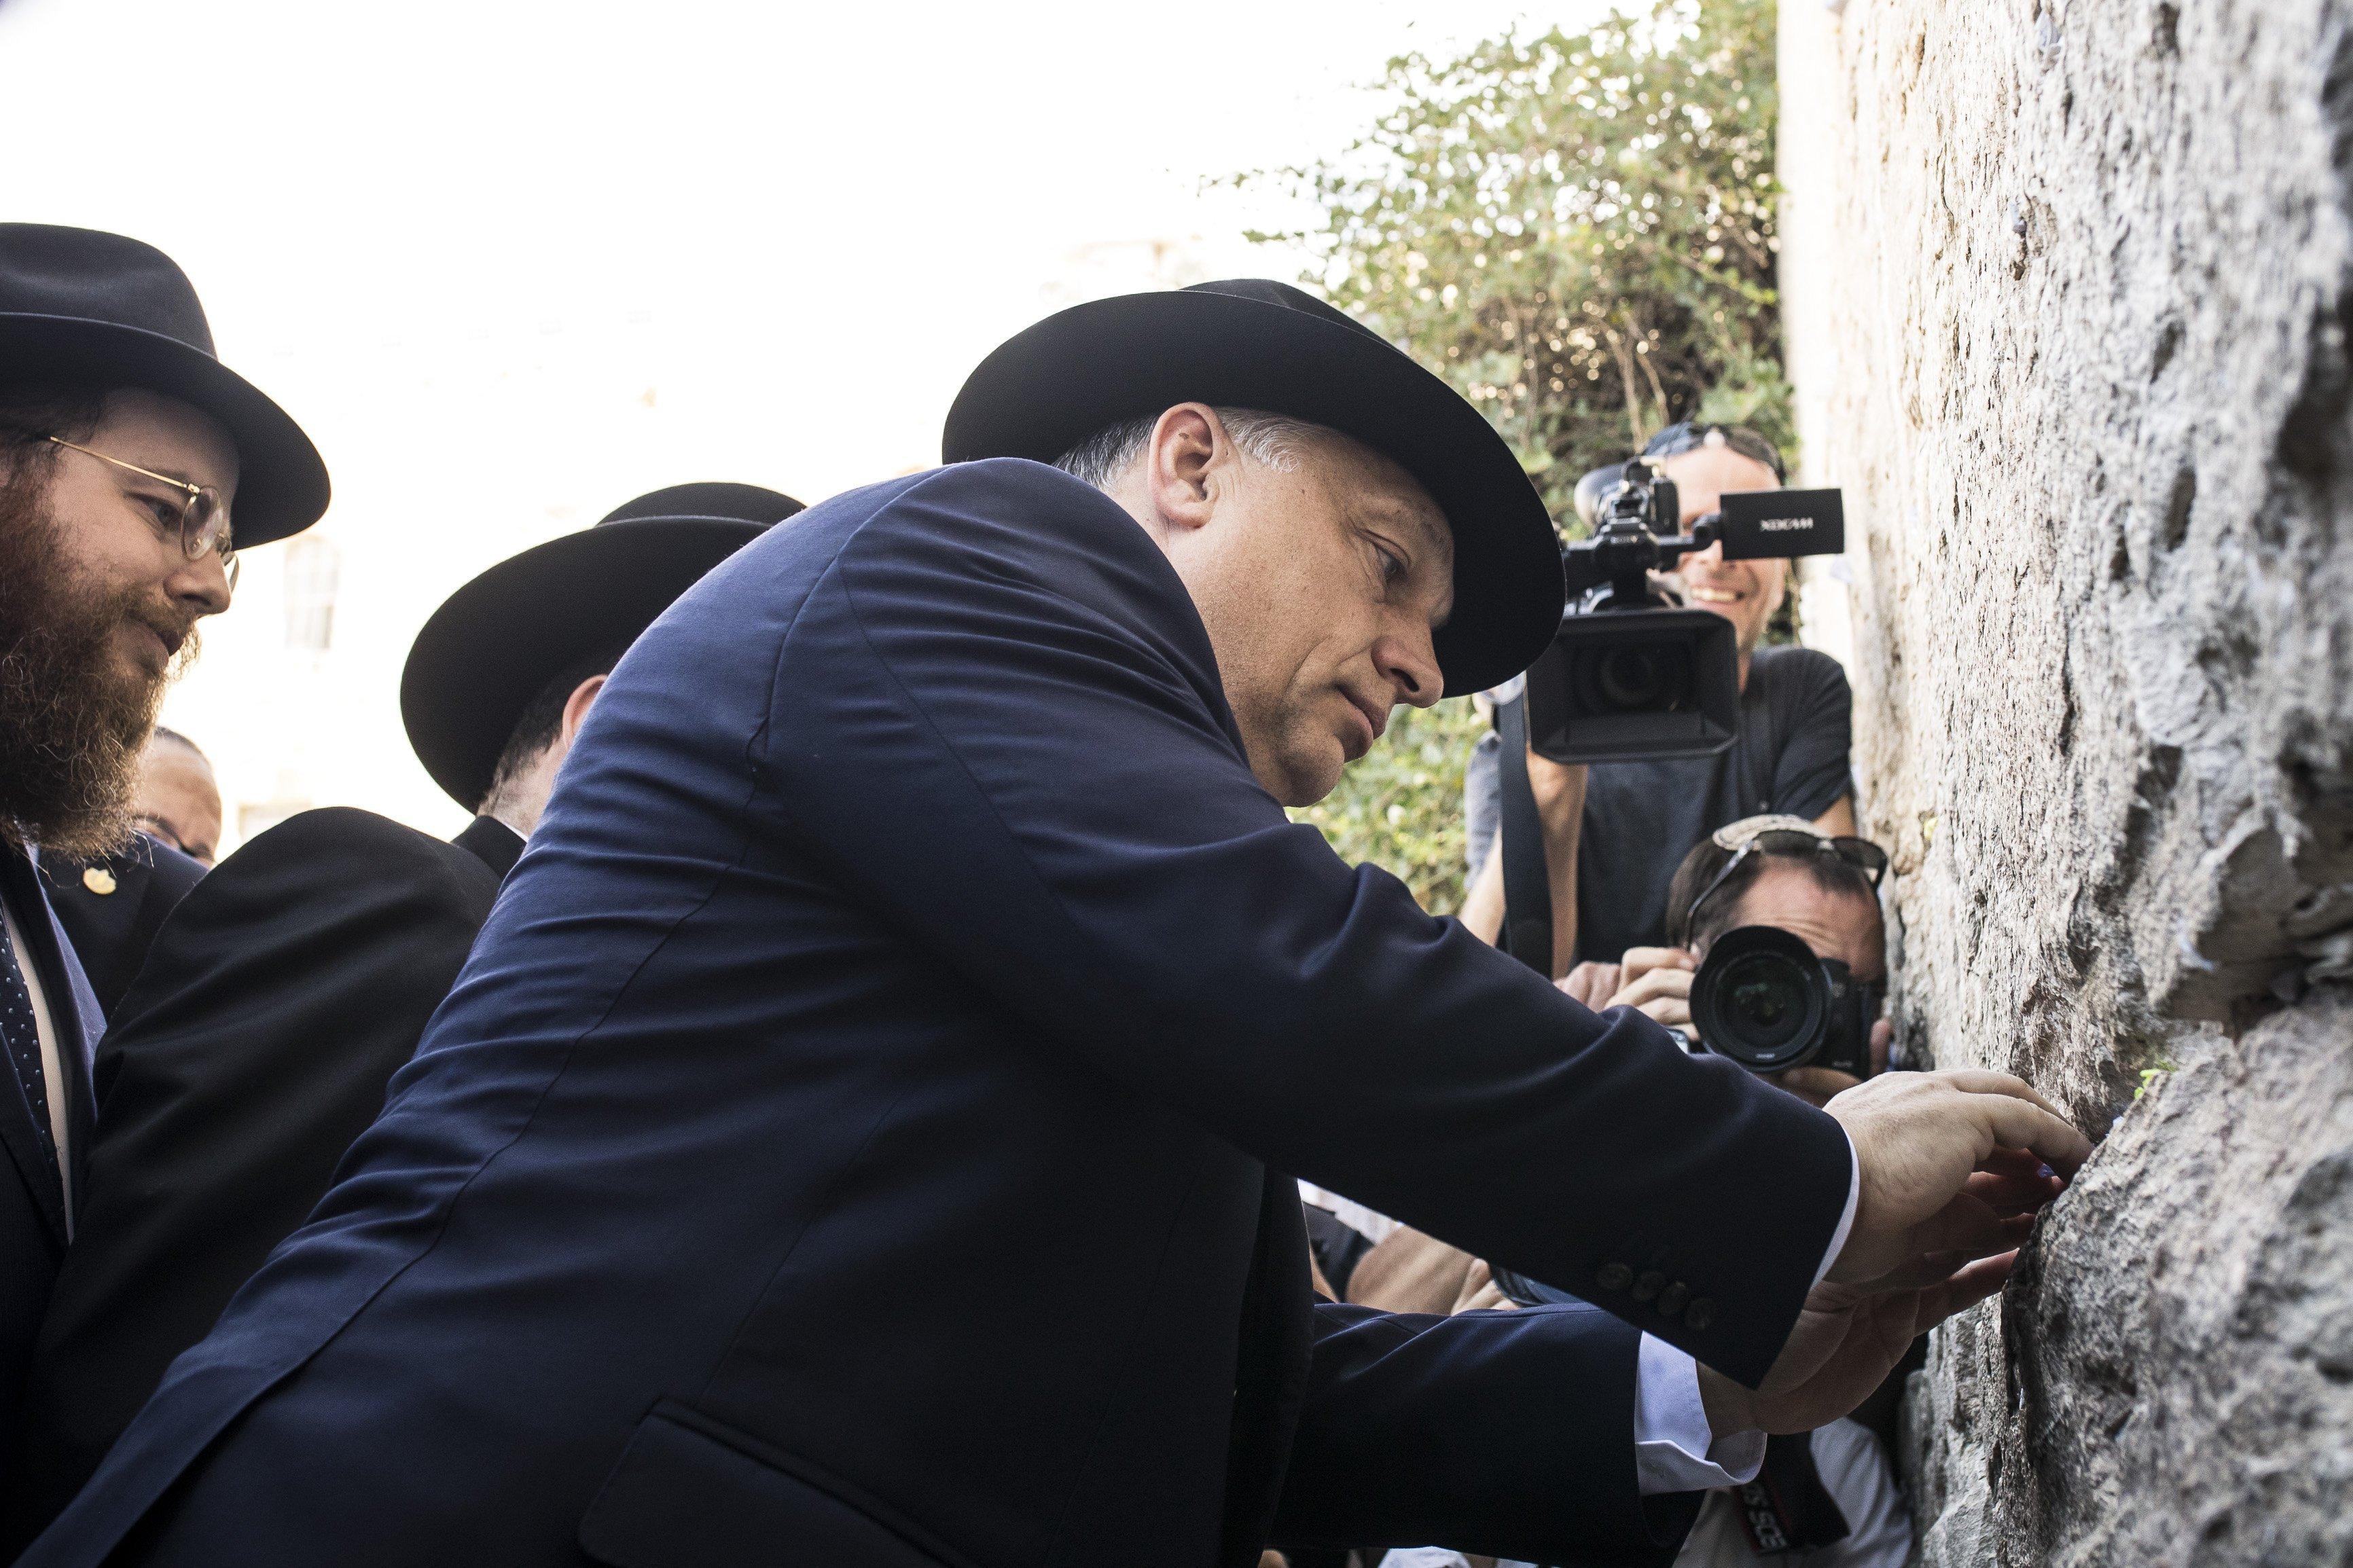 """Radnóti rabbi Köves Slomónak: """"Bármennyit is mosolyogsz rájuk, nekik csak egy migráns leszel"""""""